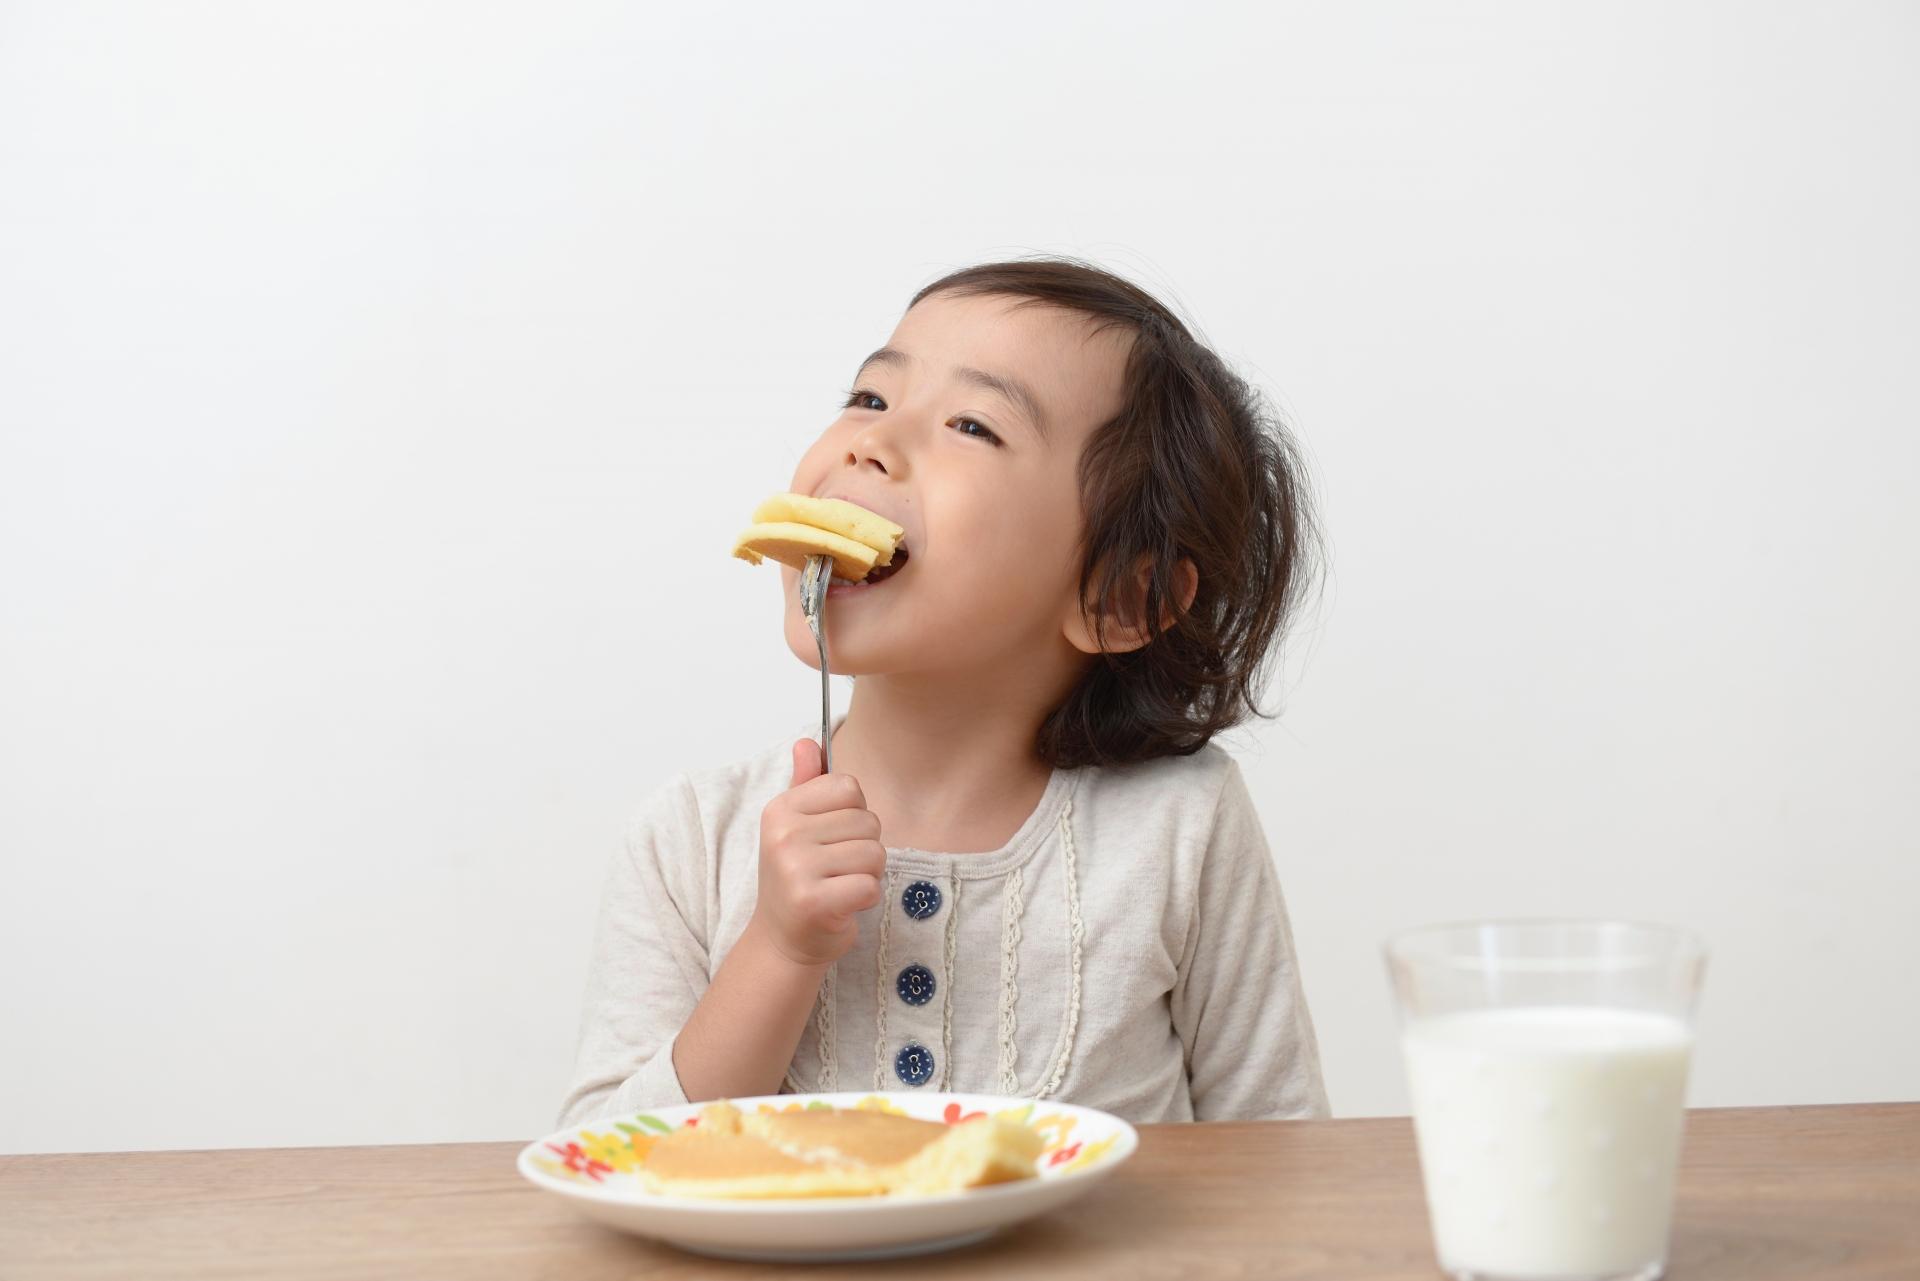 ホットケーキを食べる子供